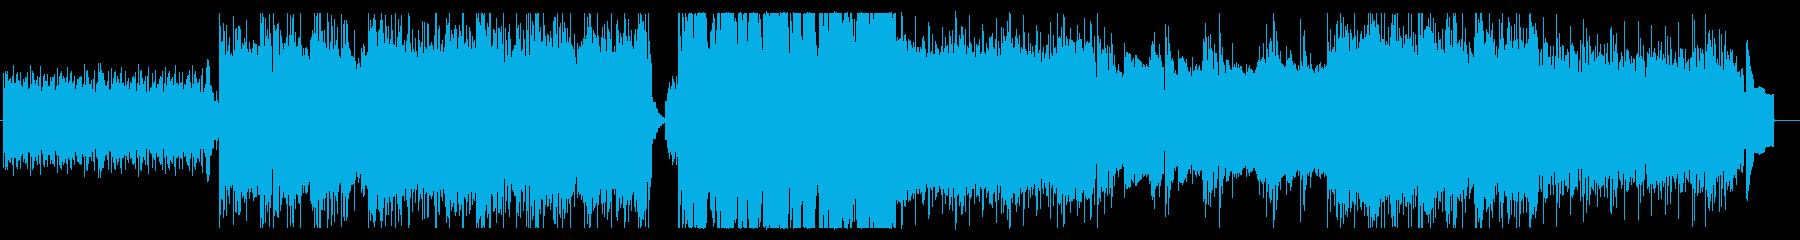 桜雨:二胡/琴/ピアノ/シンセの和風曲の再生済みの波形